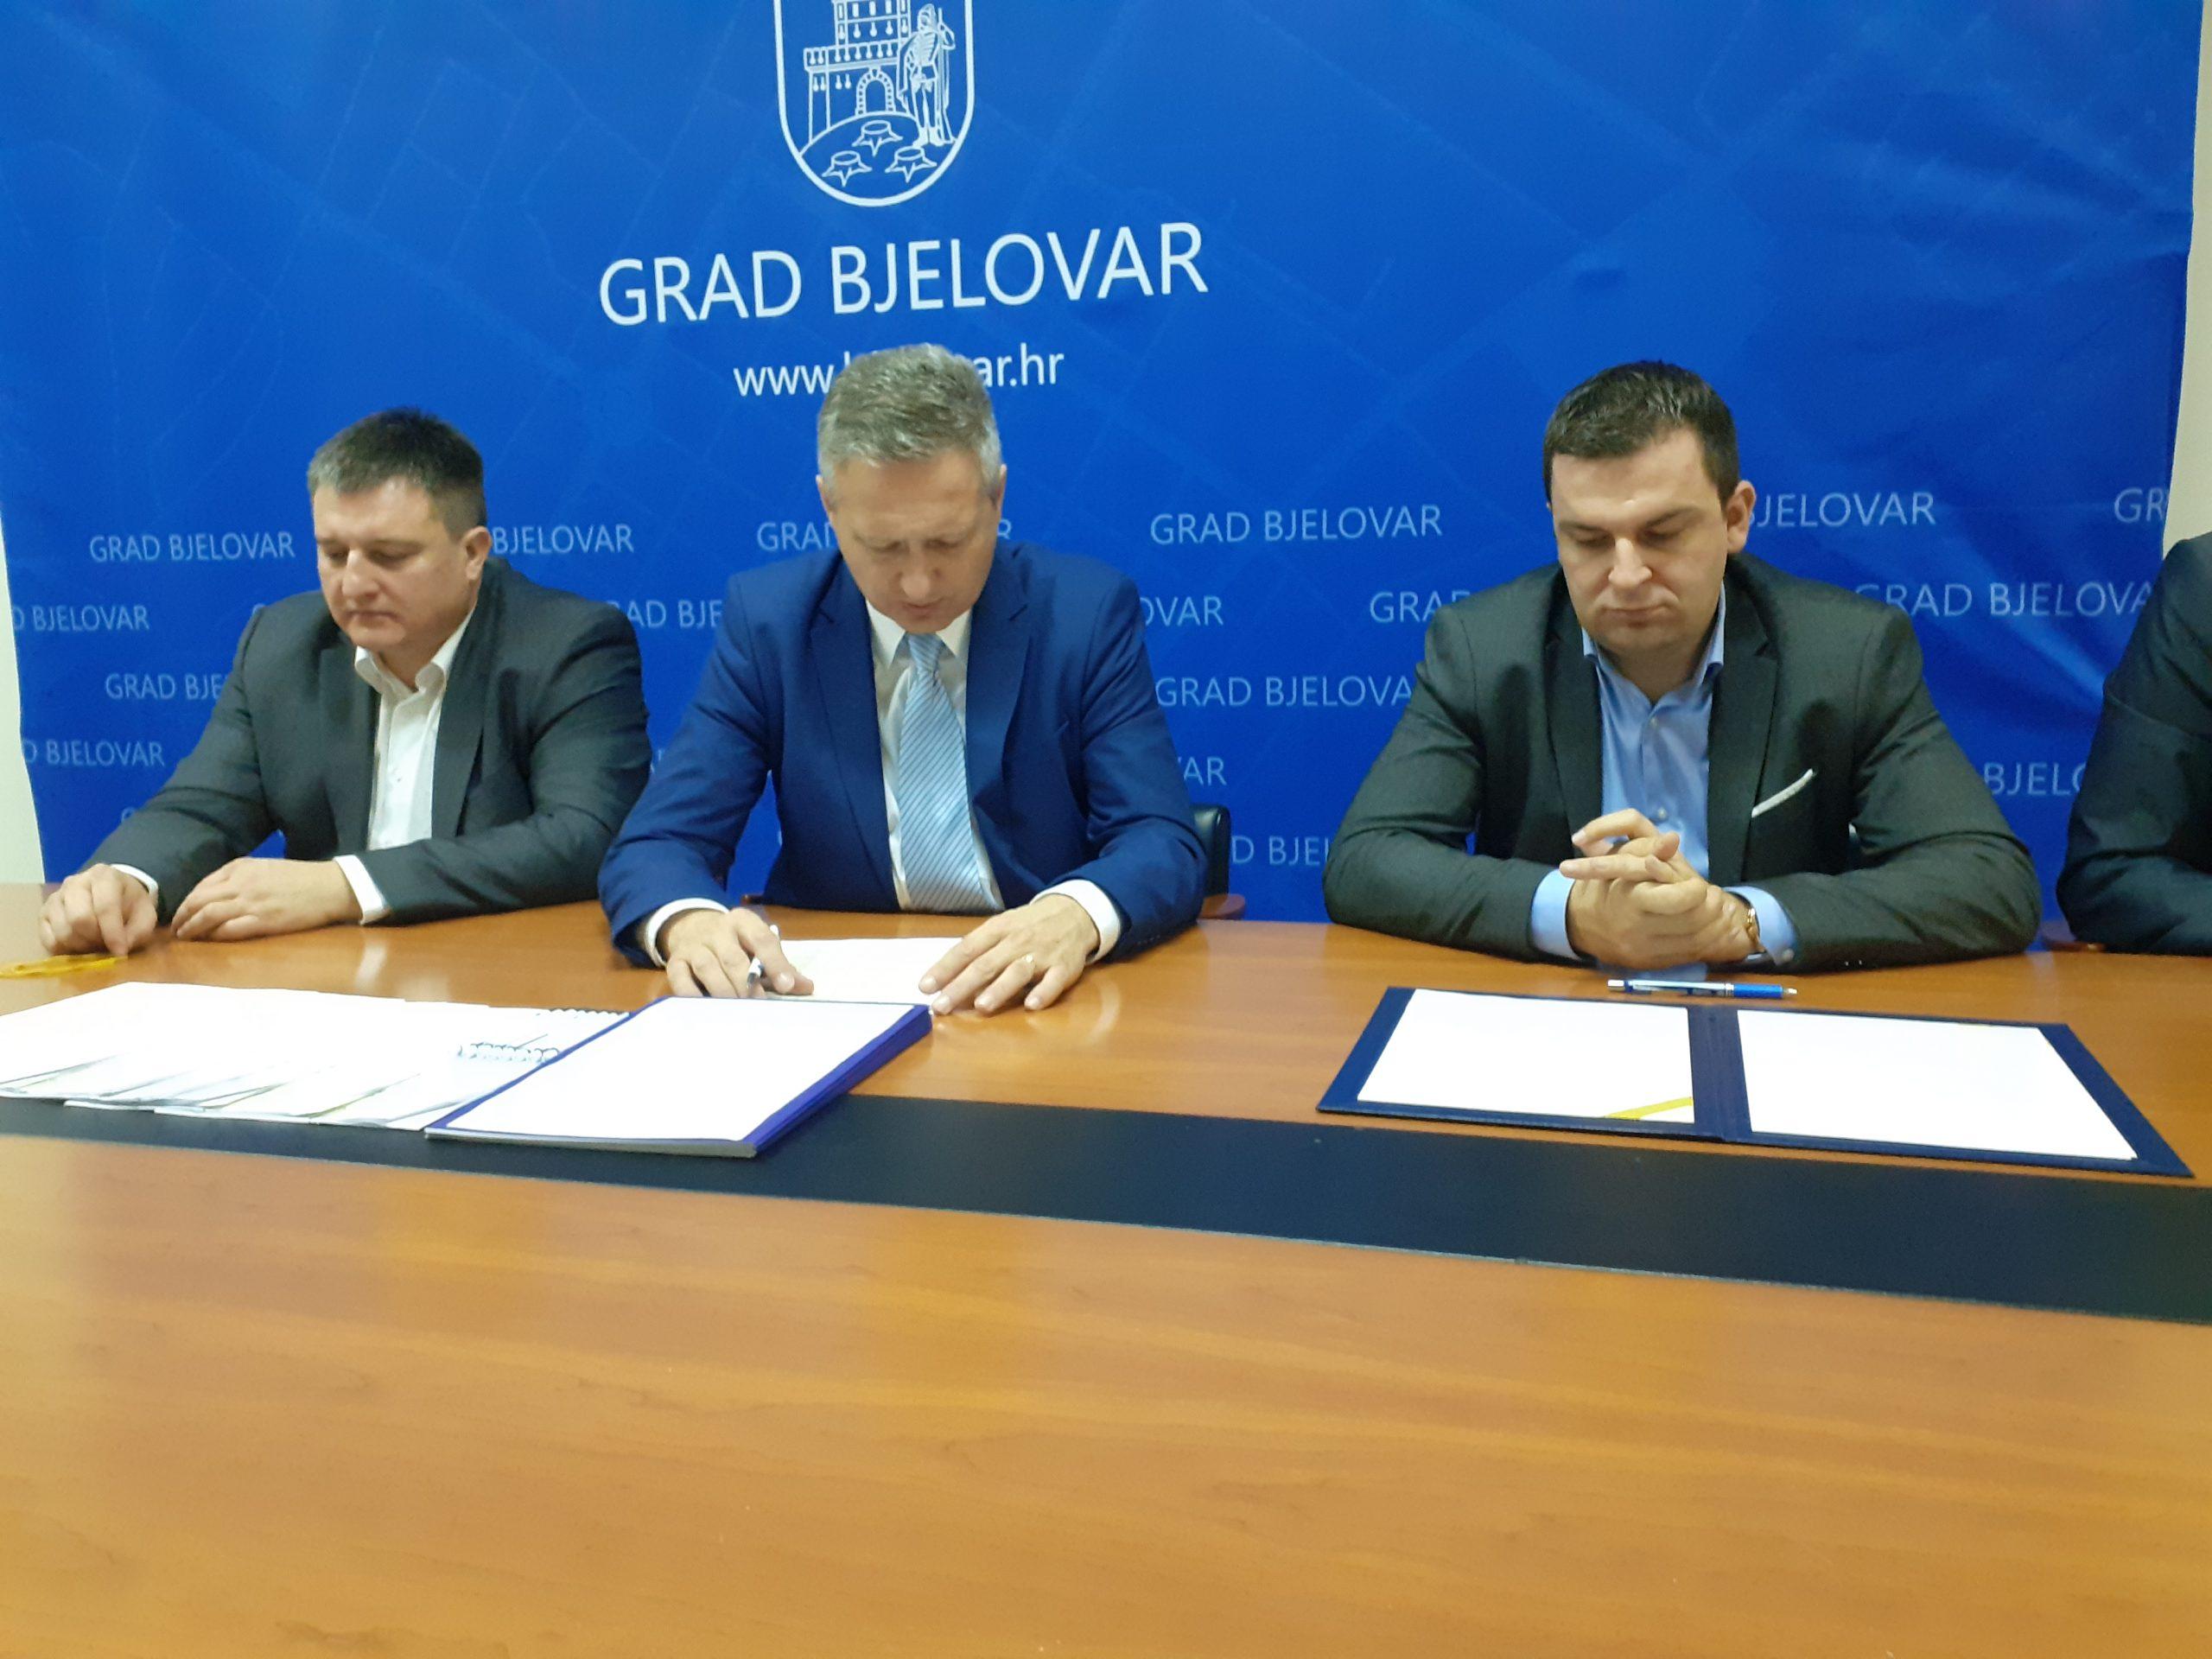 EUROPSKI FONDOVI Svaka sedma državna kuna stiže u Bjelovarsko-bilogorsku županiju